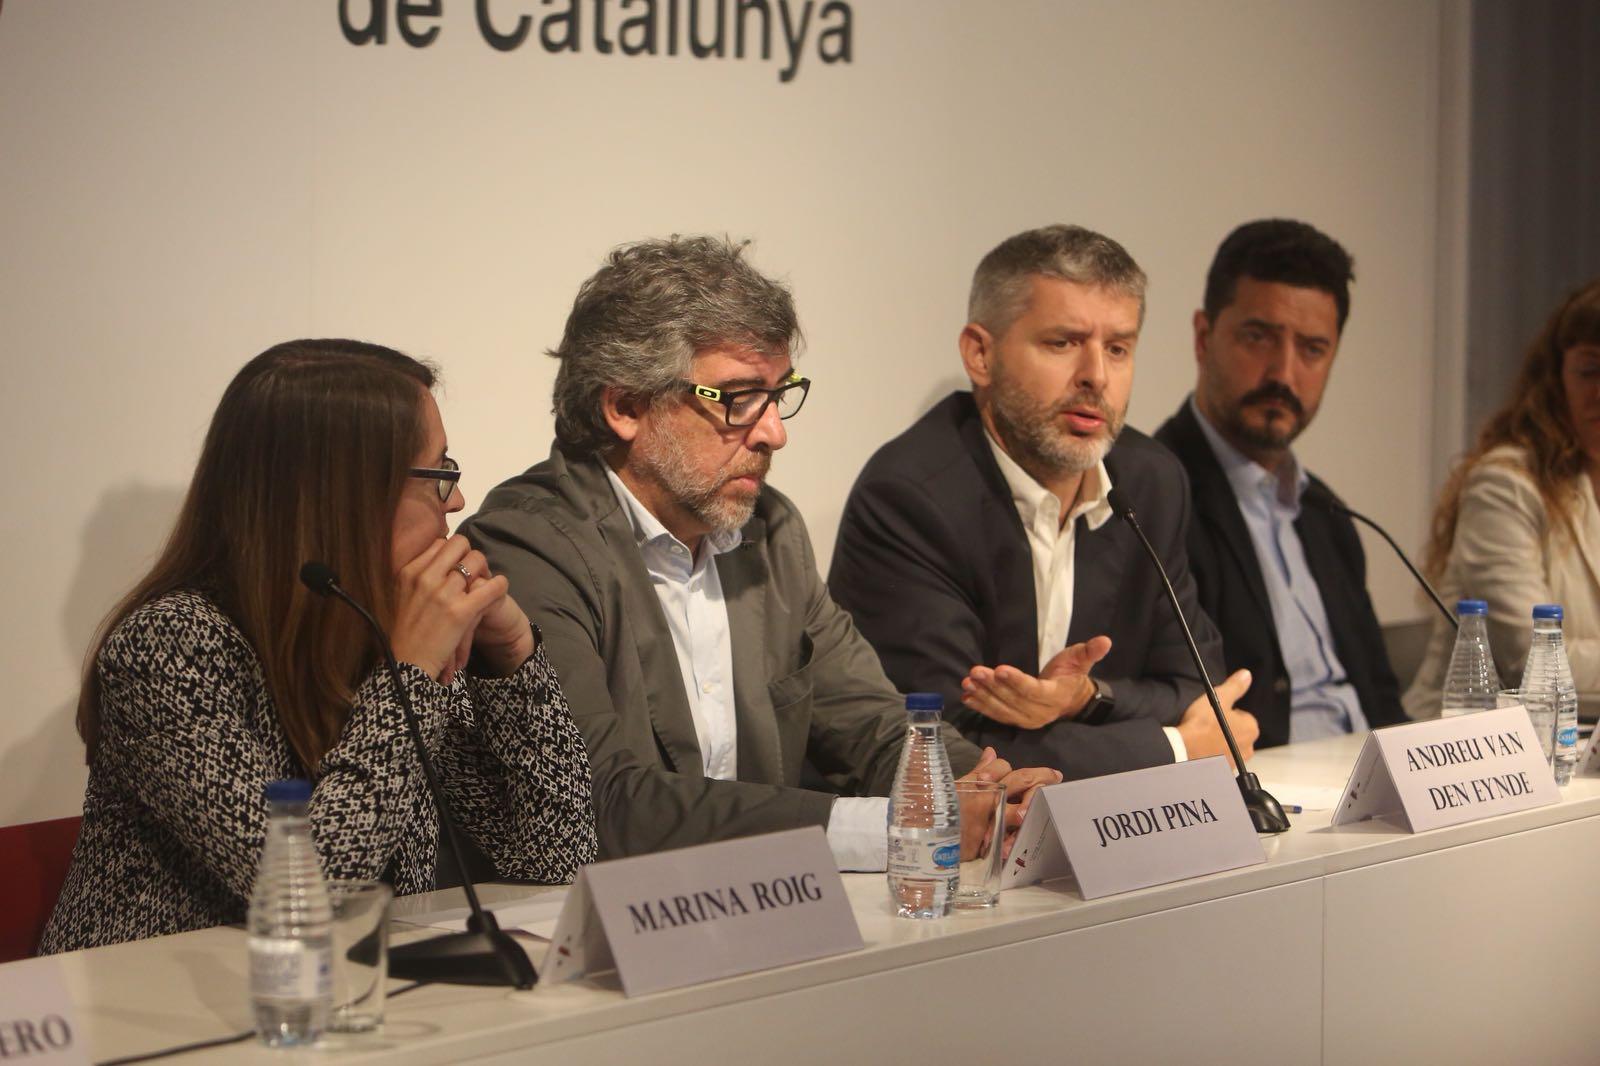 Marina Roig, Jordi Pina, Andreu Van den Eynde Carles Palacio